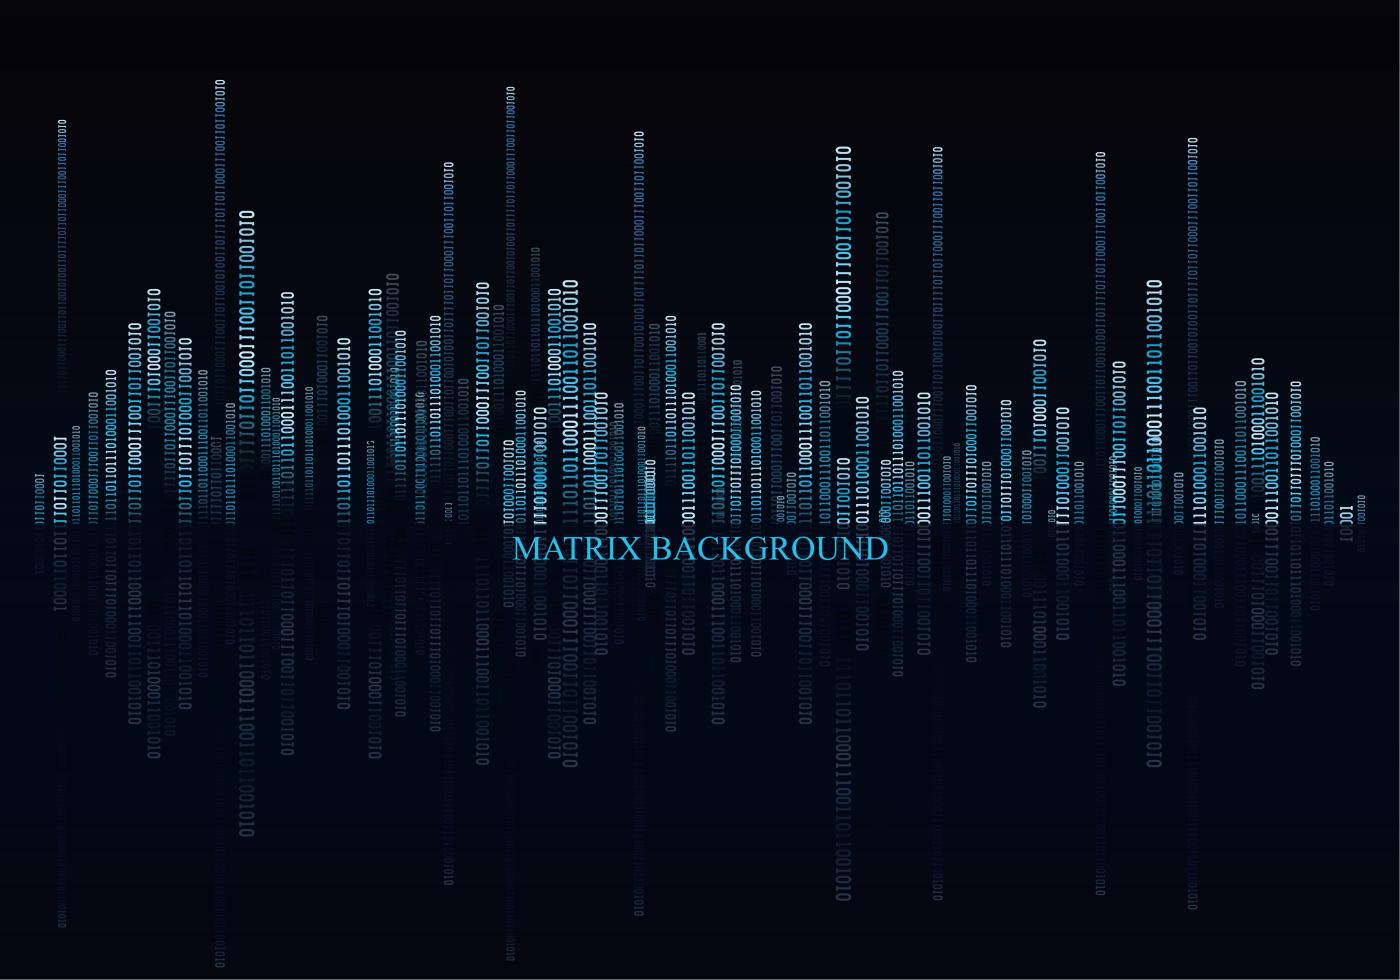 Dark Matrix Background Vector Download Free Vector Art